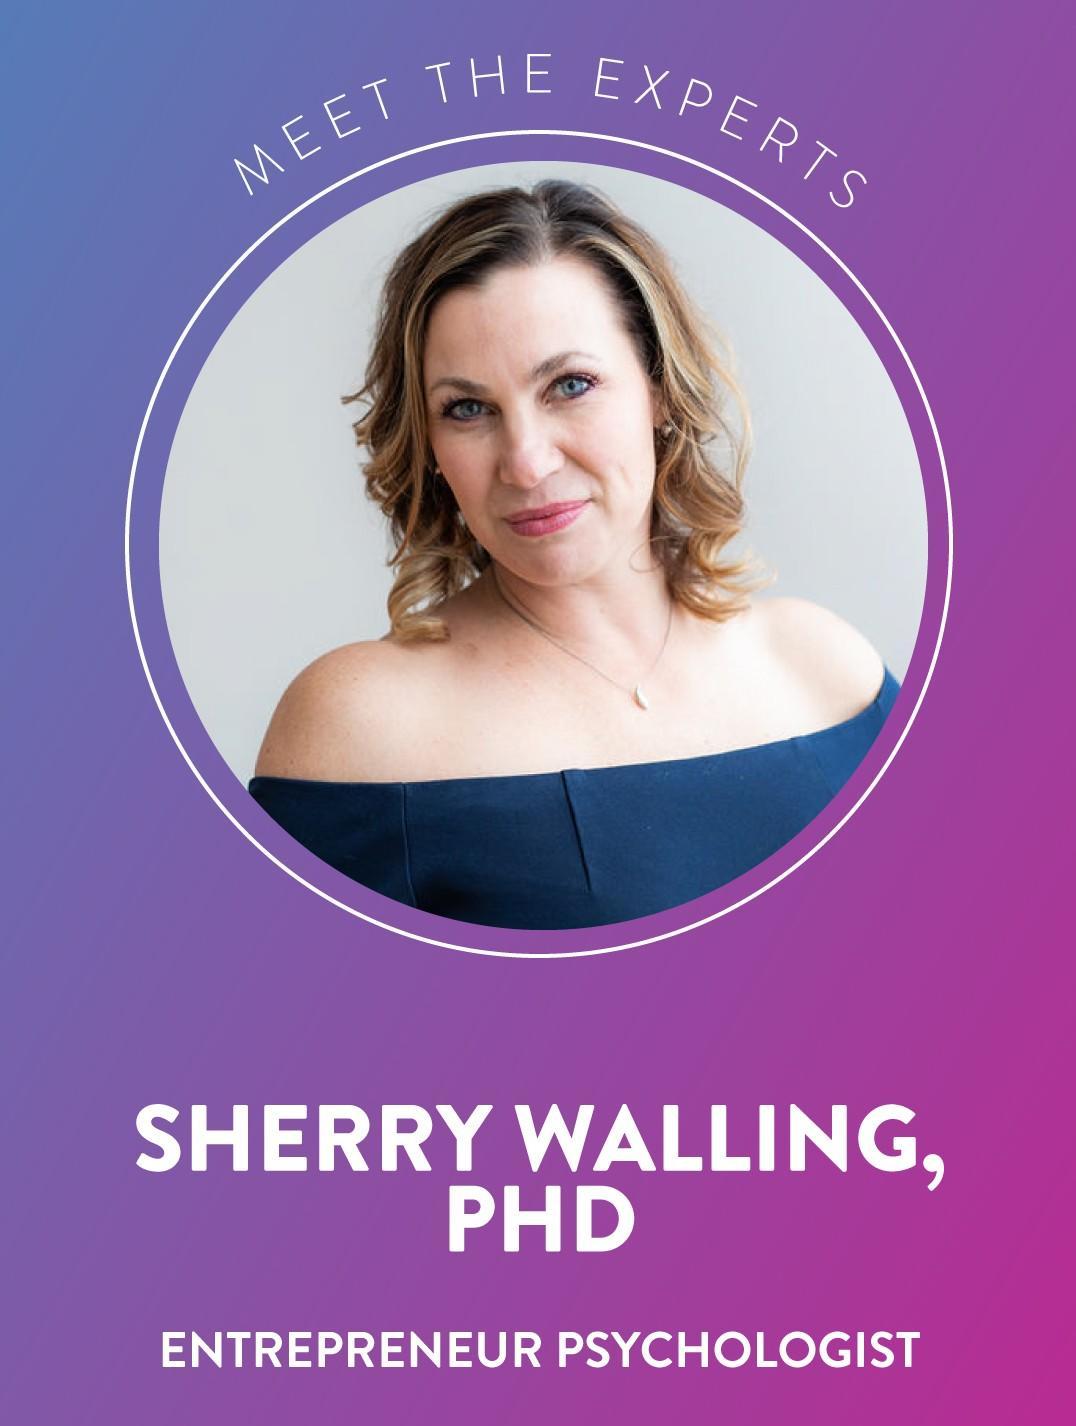 Dr. Sherry Walling, Entrepreneur Psychologist Zen Founder Podcast